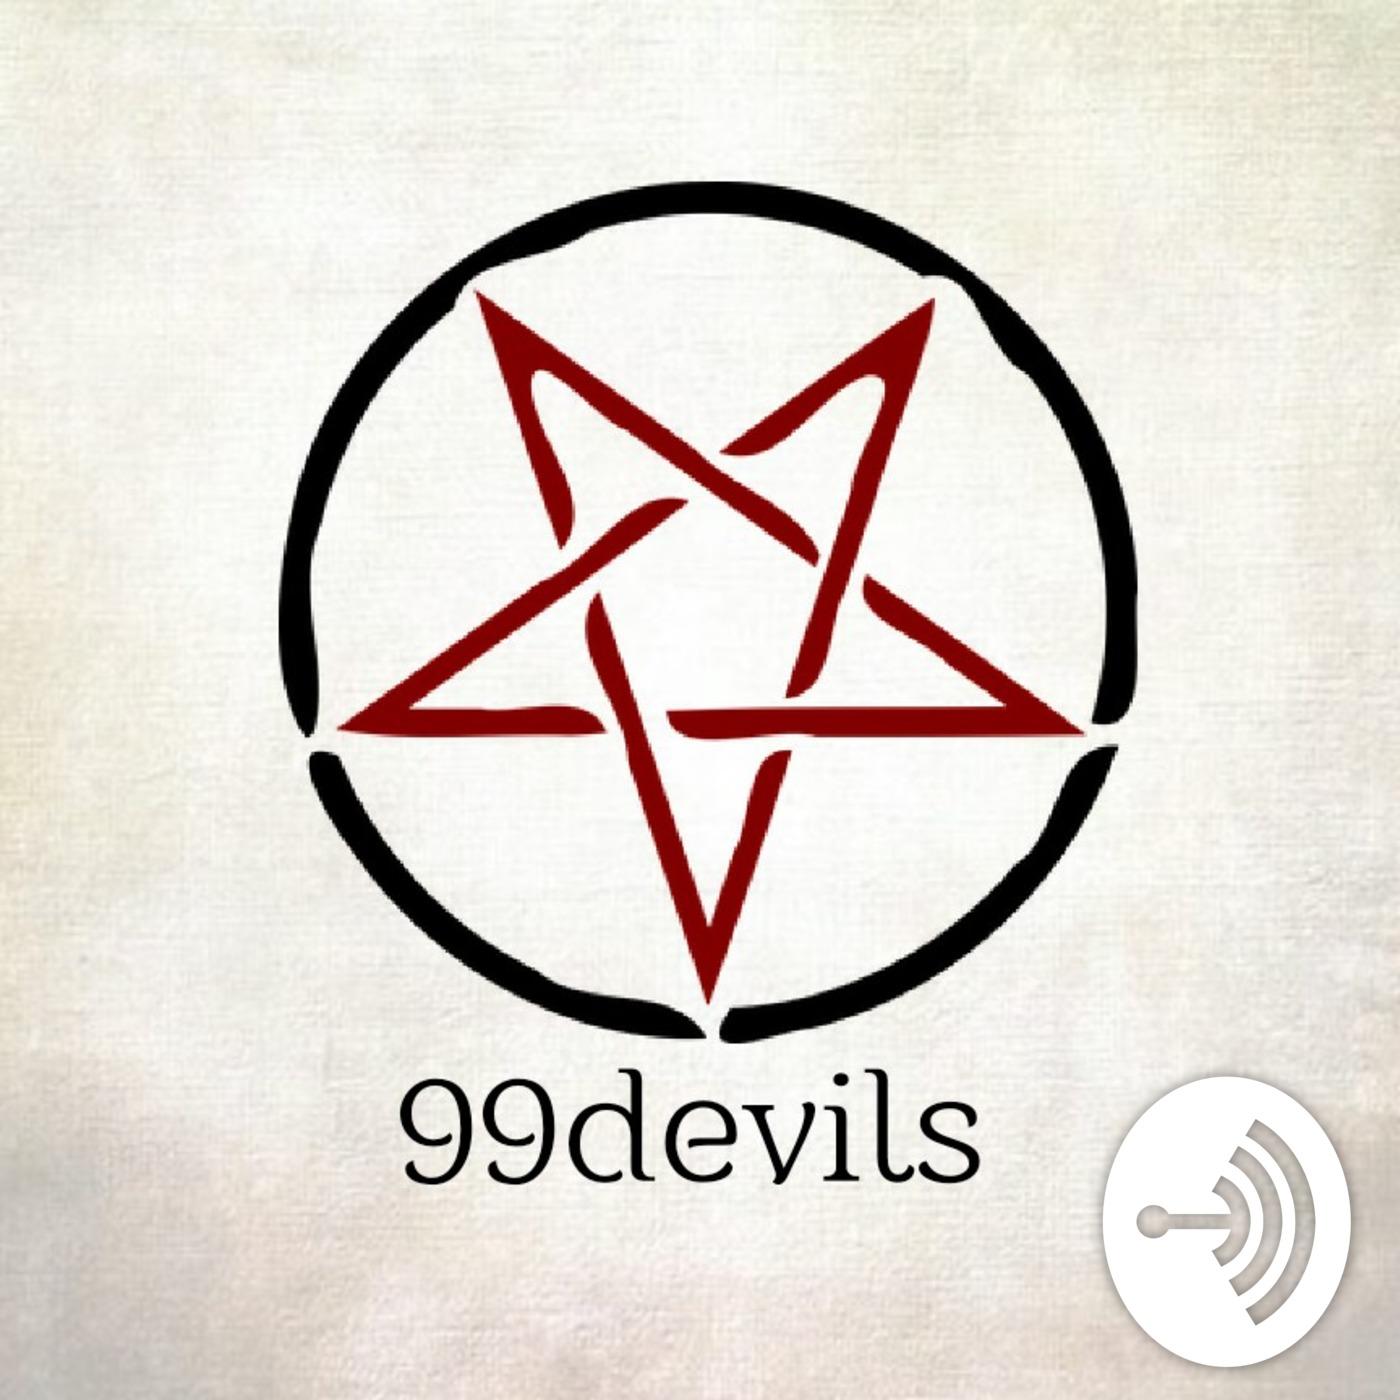 99devils99devils